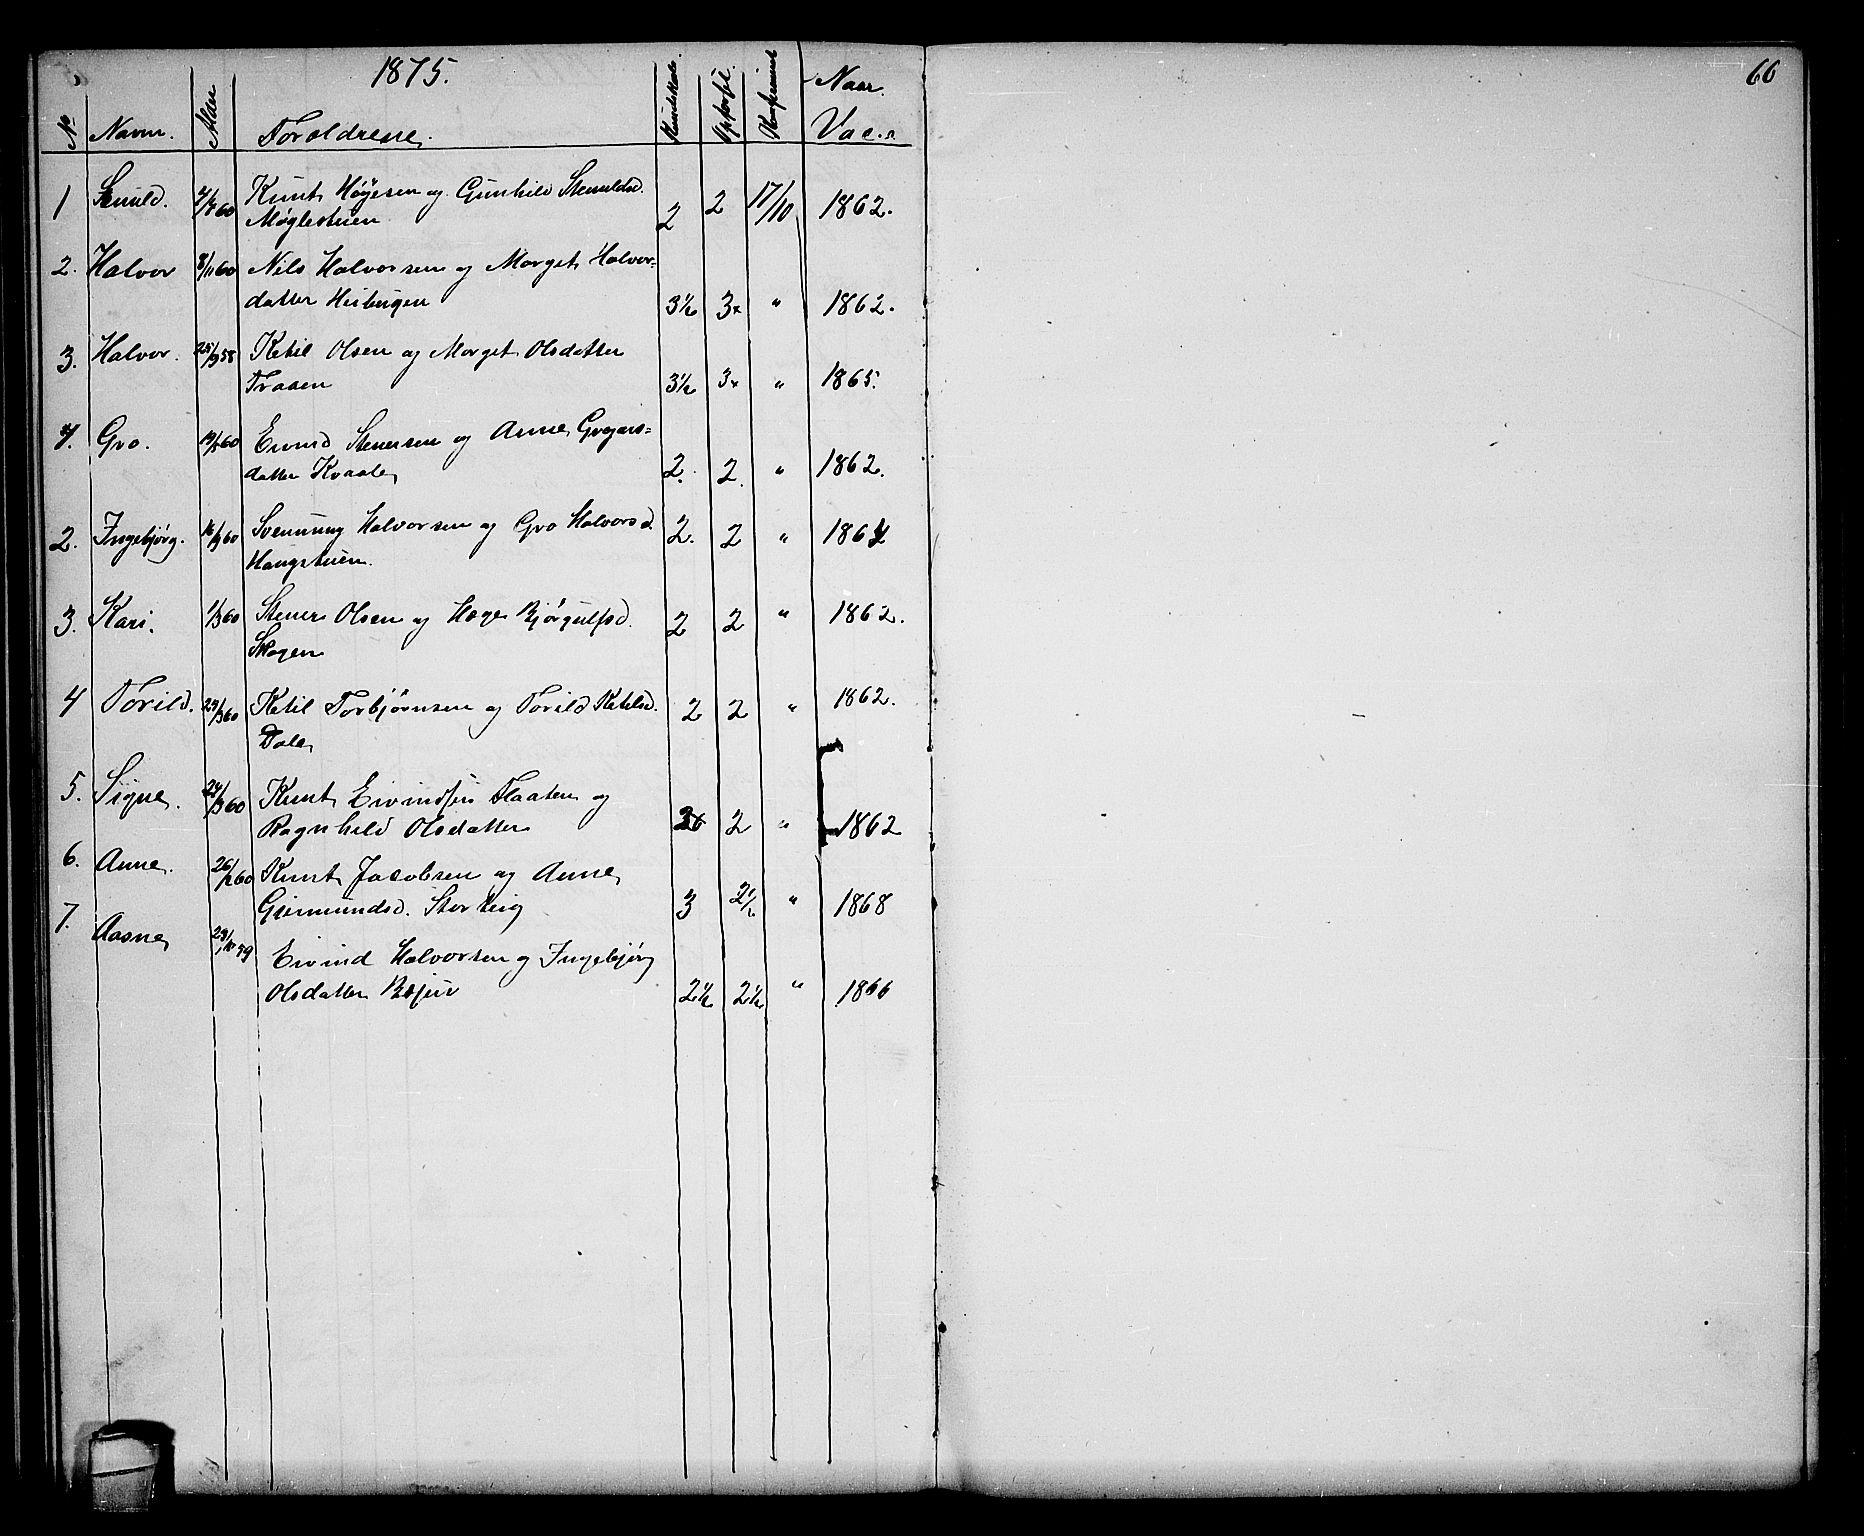 SAKO, Seljord kirkebøker, G/Gb/L0003: Klokkerbok nr. II 3, 1863-1884, s. 66